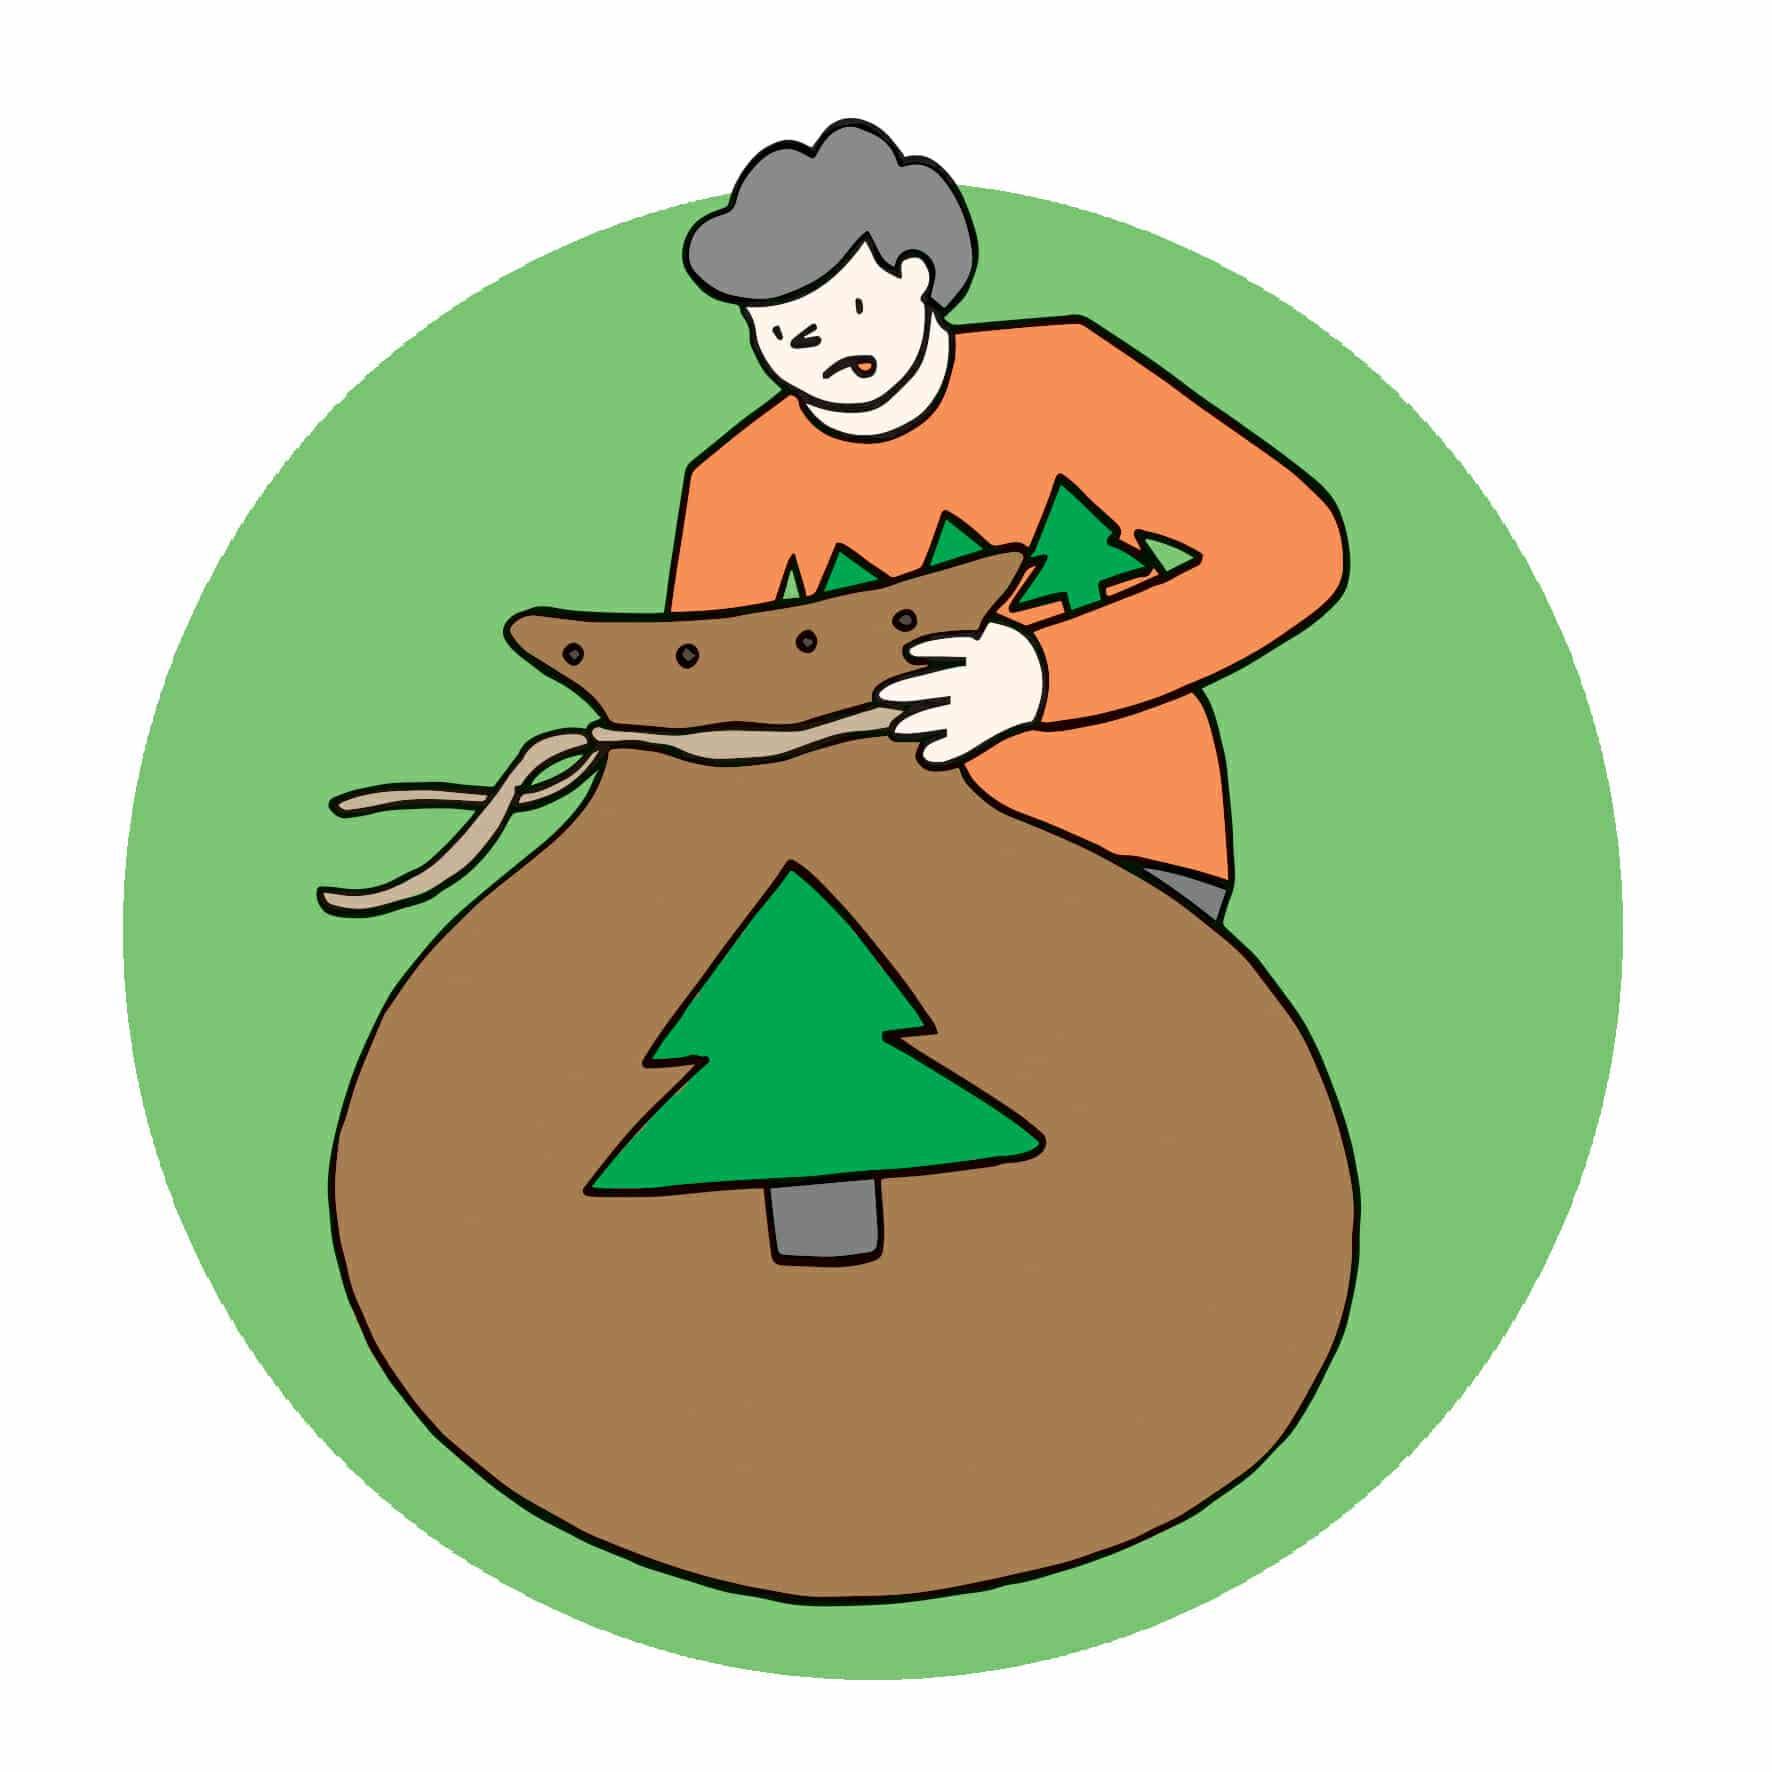 Caccia al regalo for Cerco in regalo tutto per bambini